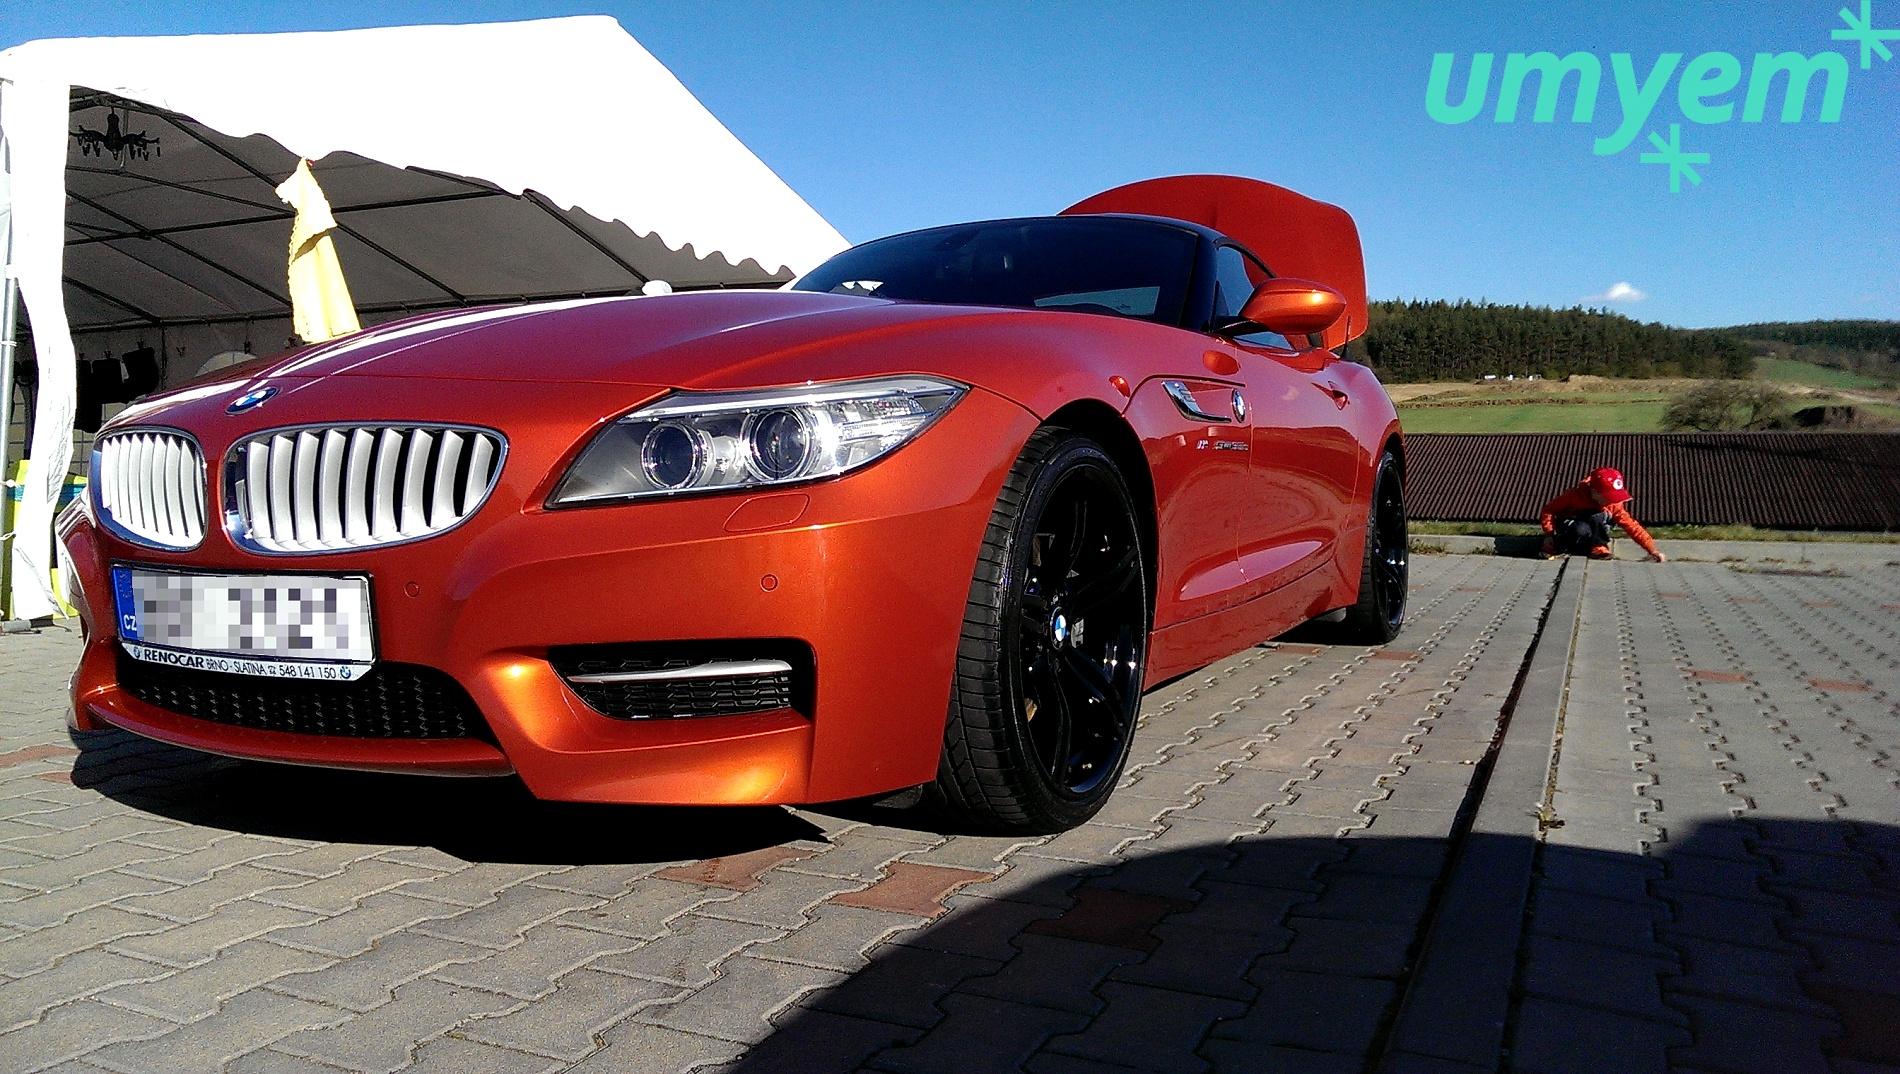 BMW_Z4_detailing_Brno_umyem_5.jpg